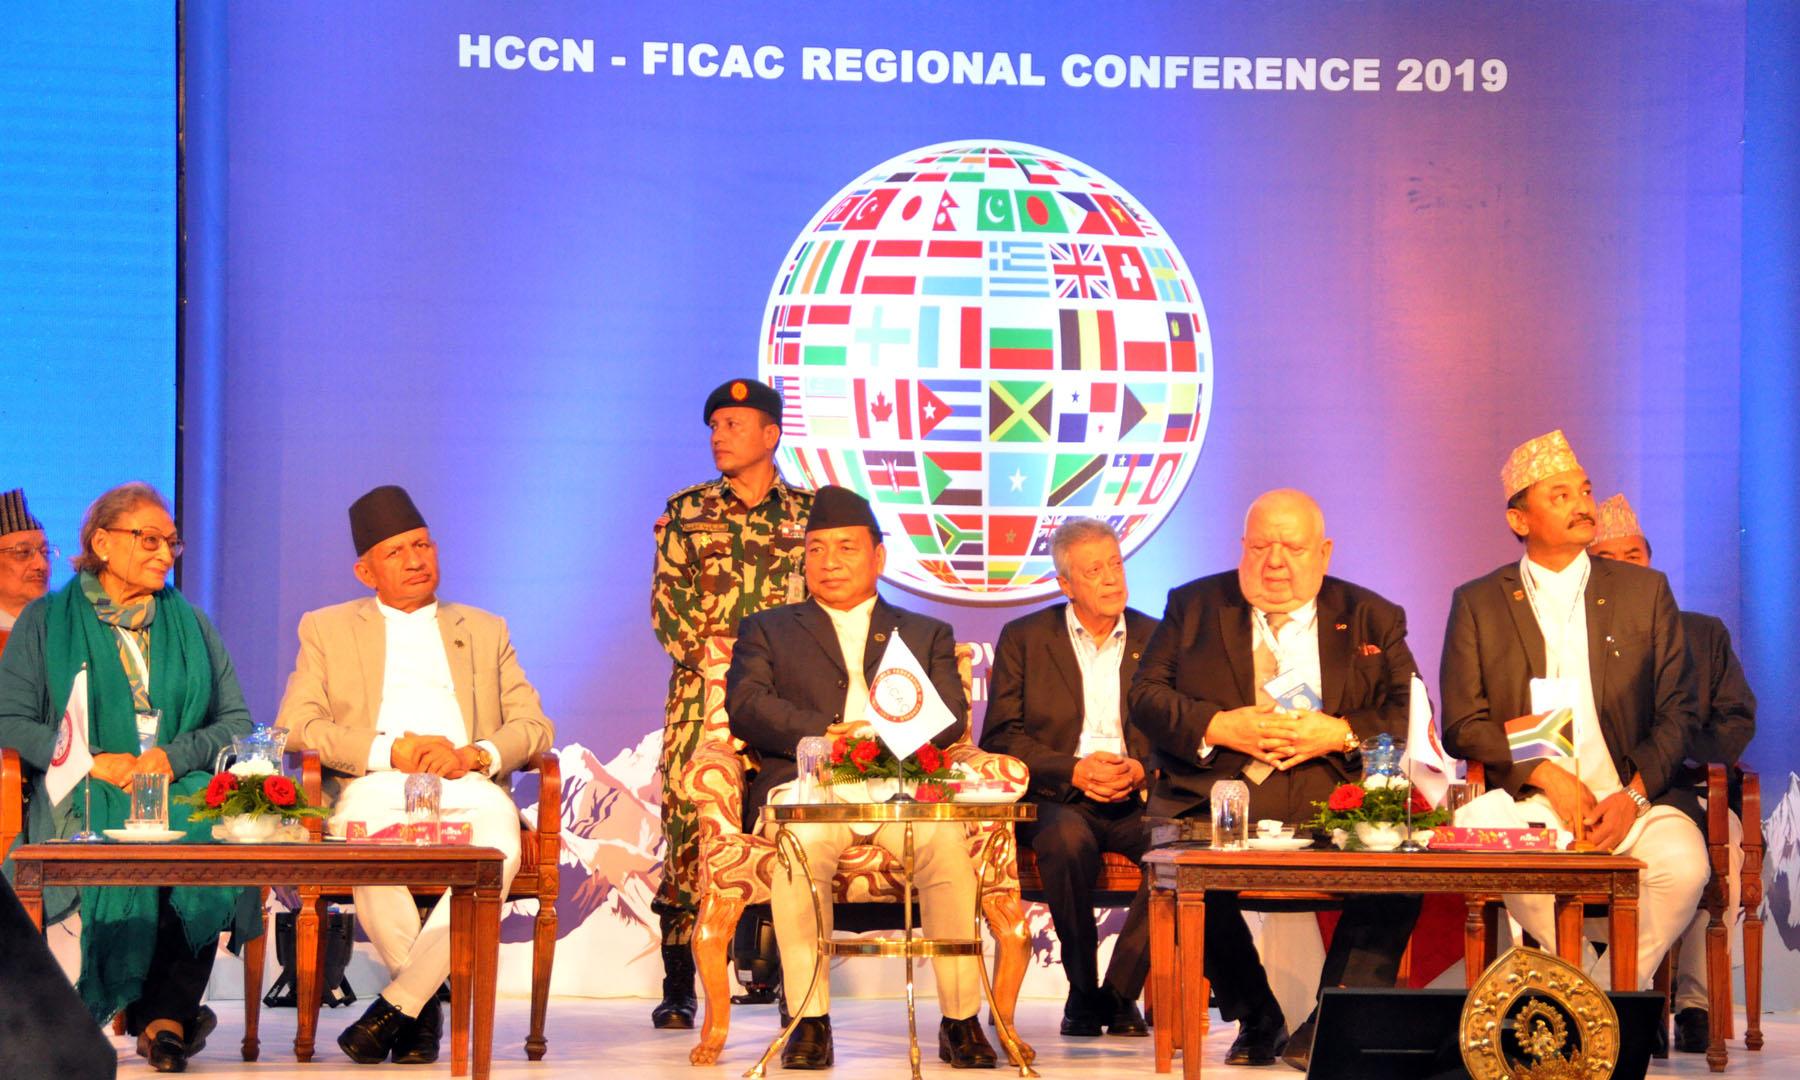 एचसिसीएनको क्षेत्रीय सम्मेलन काठमाण्डौमा सुरु, लगानी र आर्थिक कूटनीति विस्तारमा जोड